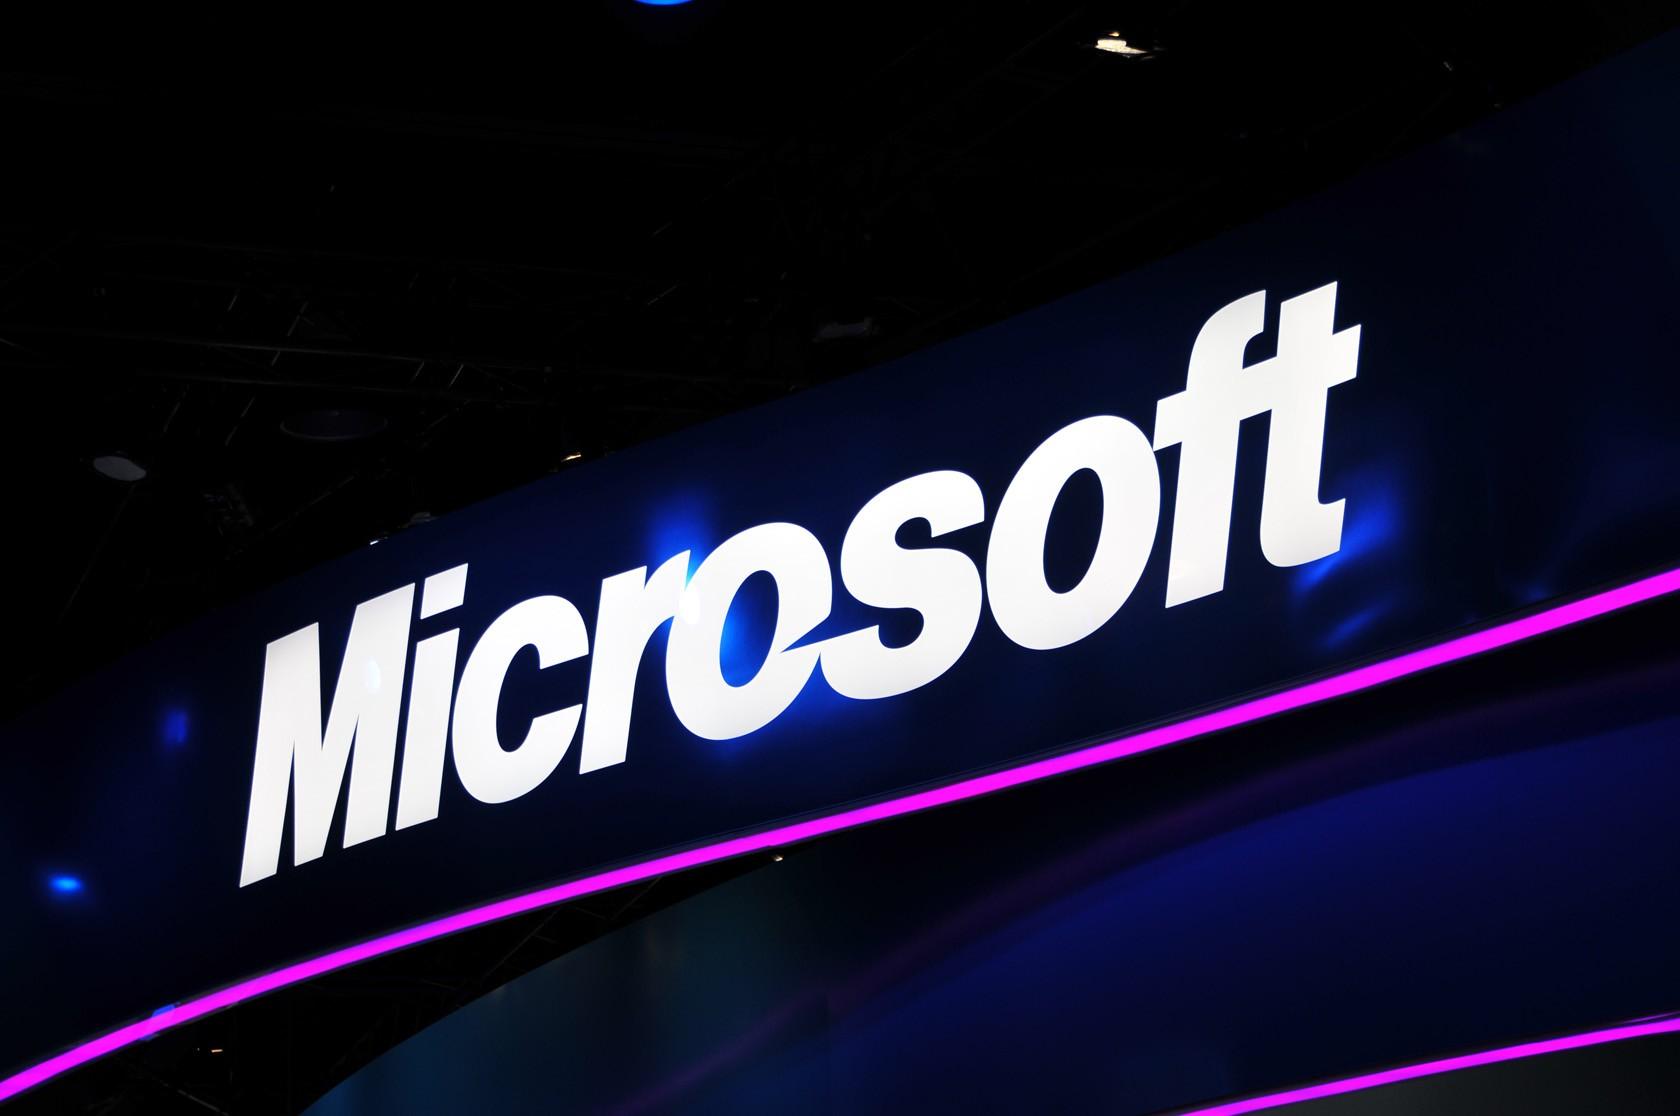 В наступающем году Microsoft выпустит «умный» холодильник